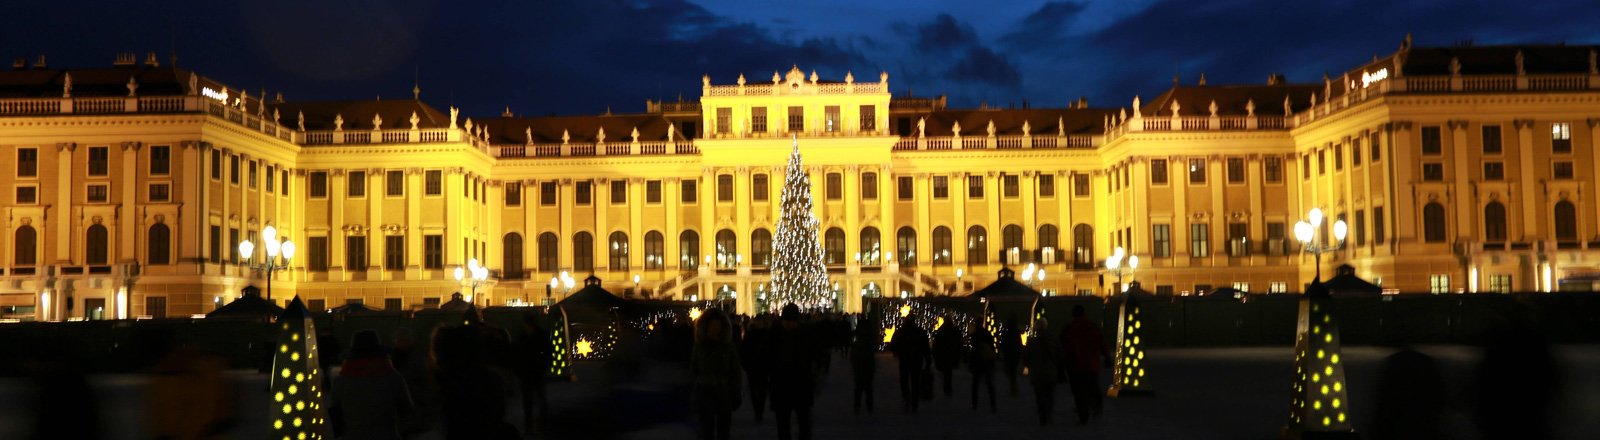 Weihnachtsmarkt vorm Schloss Schönbrunn